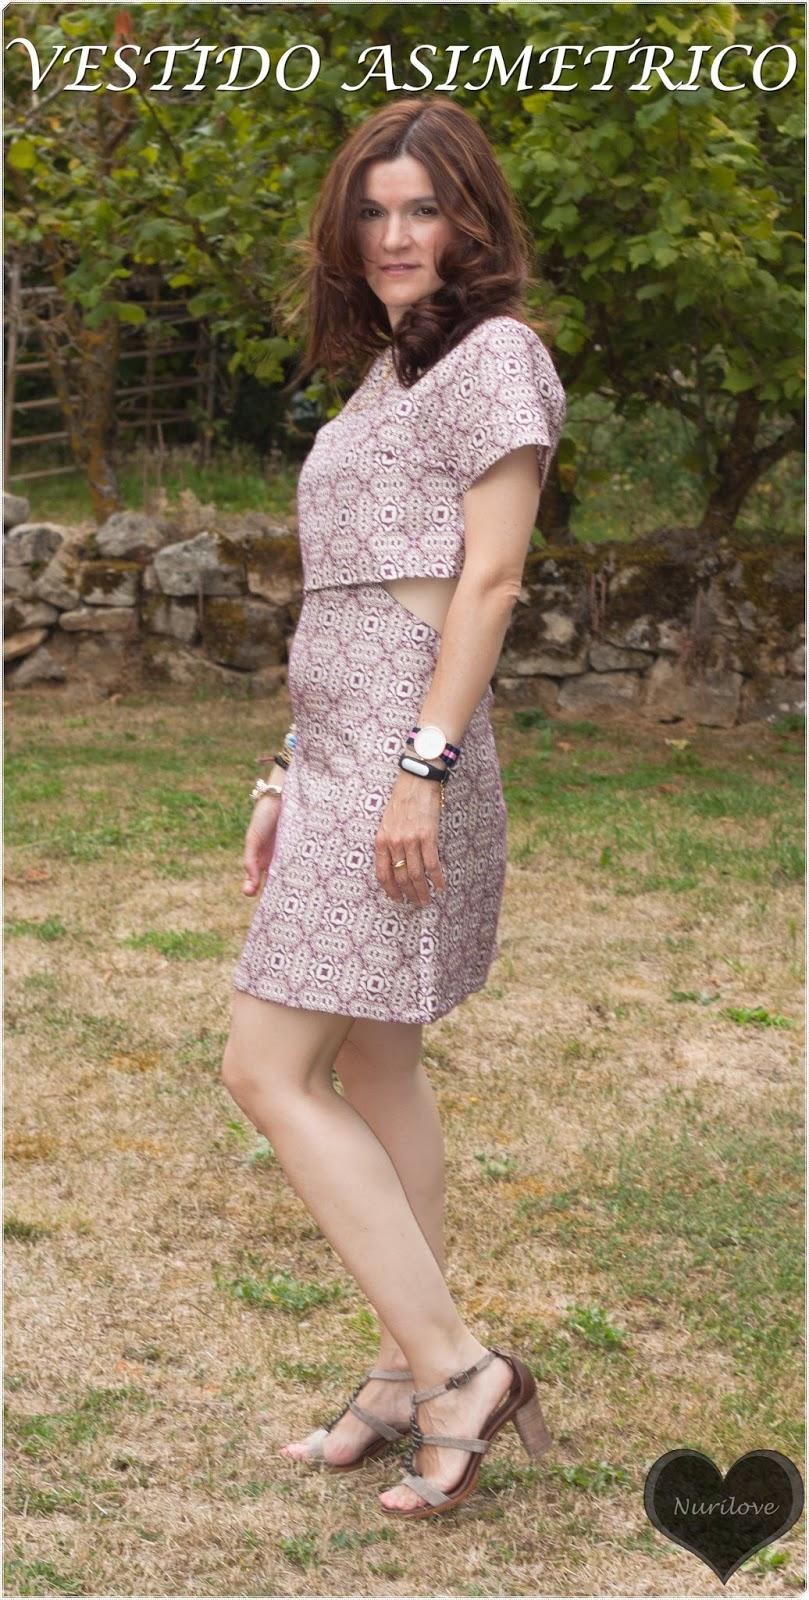 vestido asimétrico con un estampado muy original